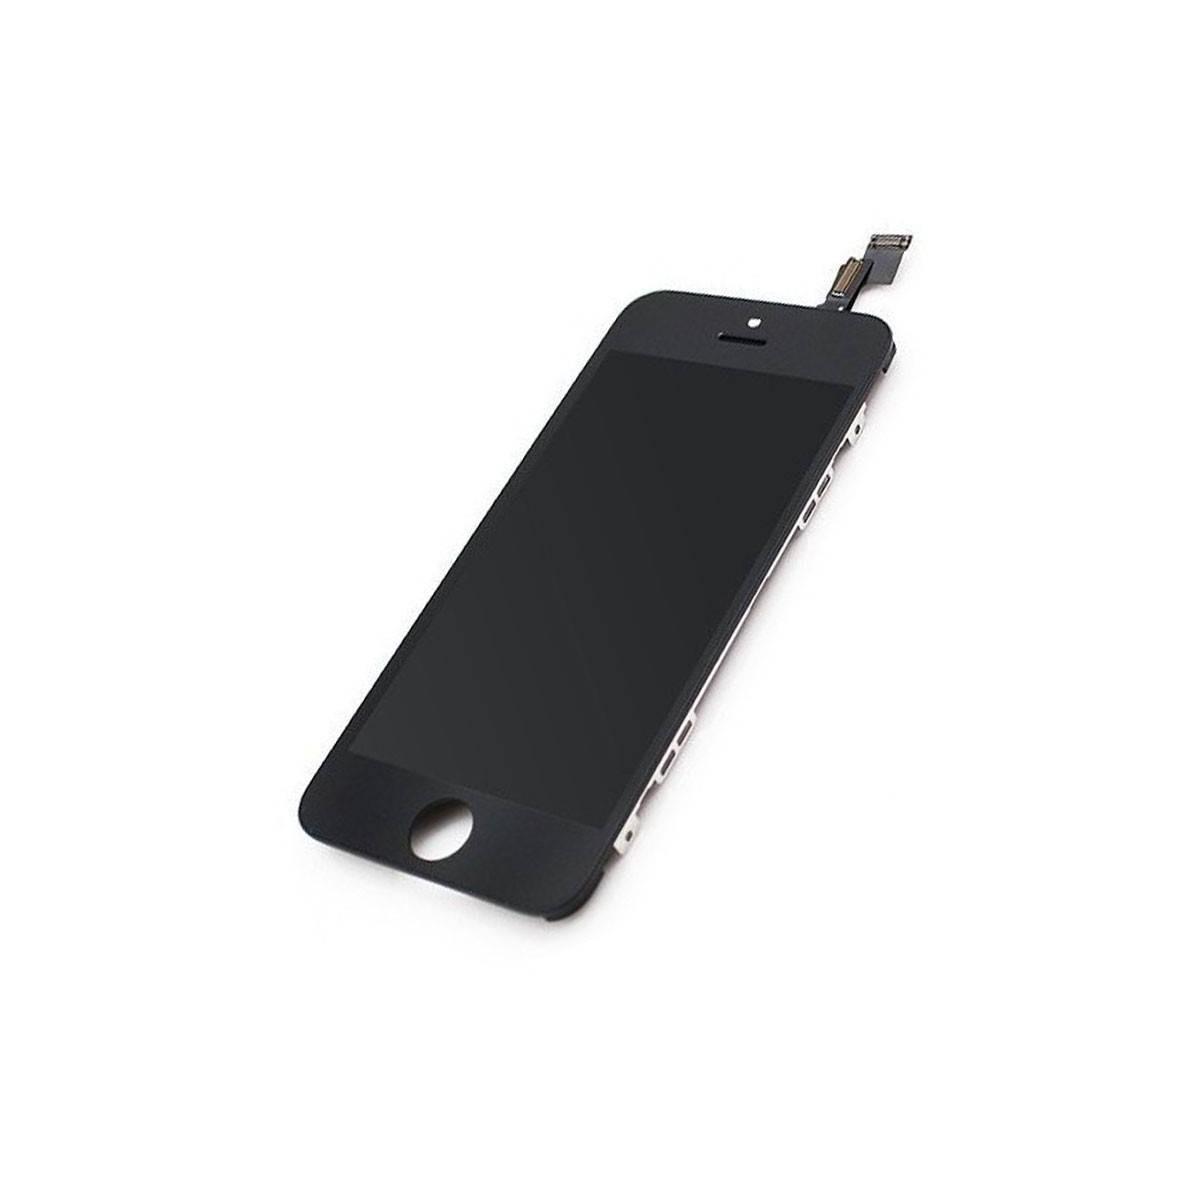 Pantalla completa iPhone 5s en color negra